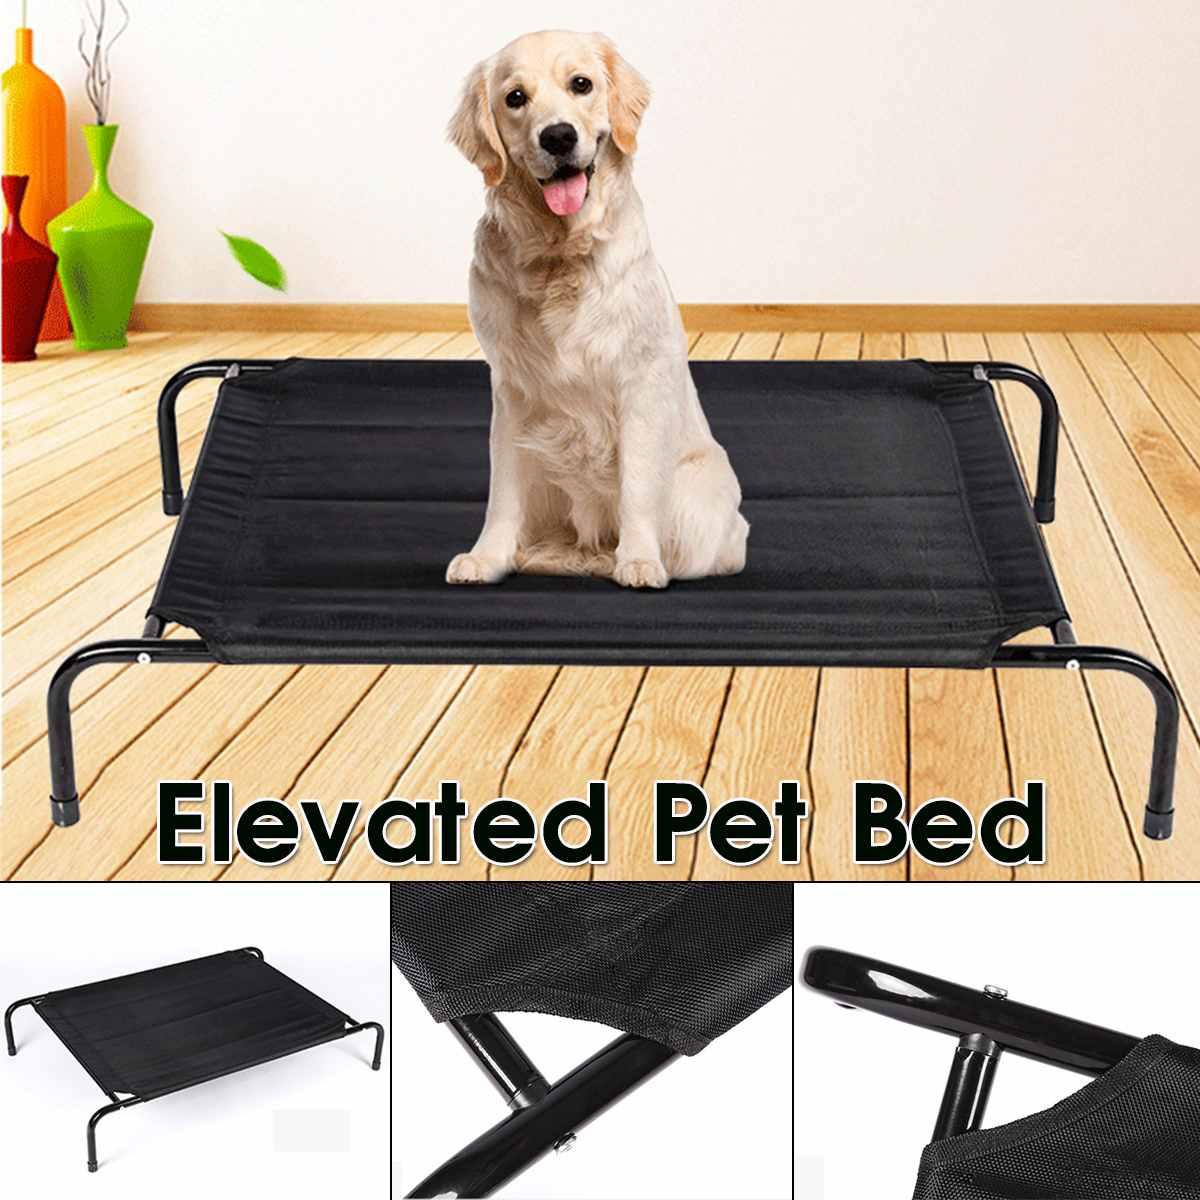 Cama de mascota elevada desmontable de verano para perro, cama de refrigeración para exteriores, transpirable, de malla, Cama de Gato elevado para cachorro, cama para perro, cama para dormir y acampar